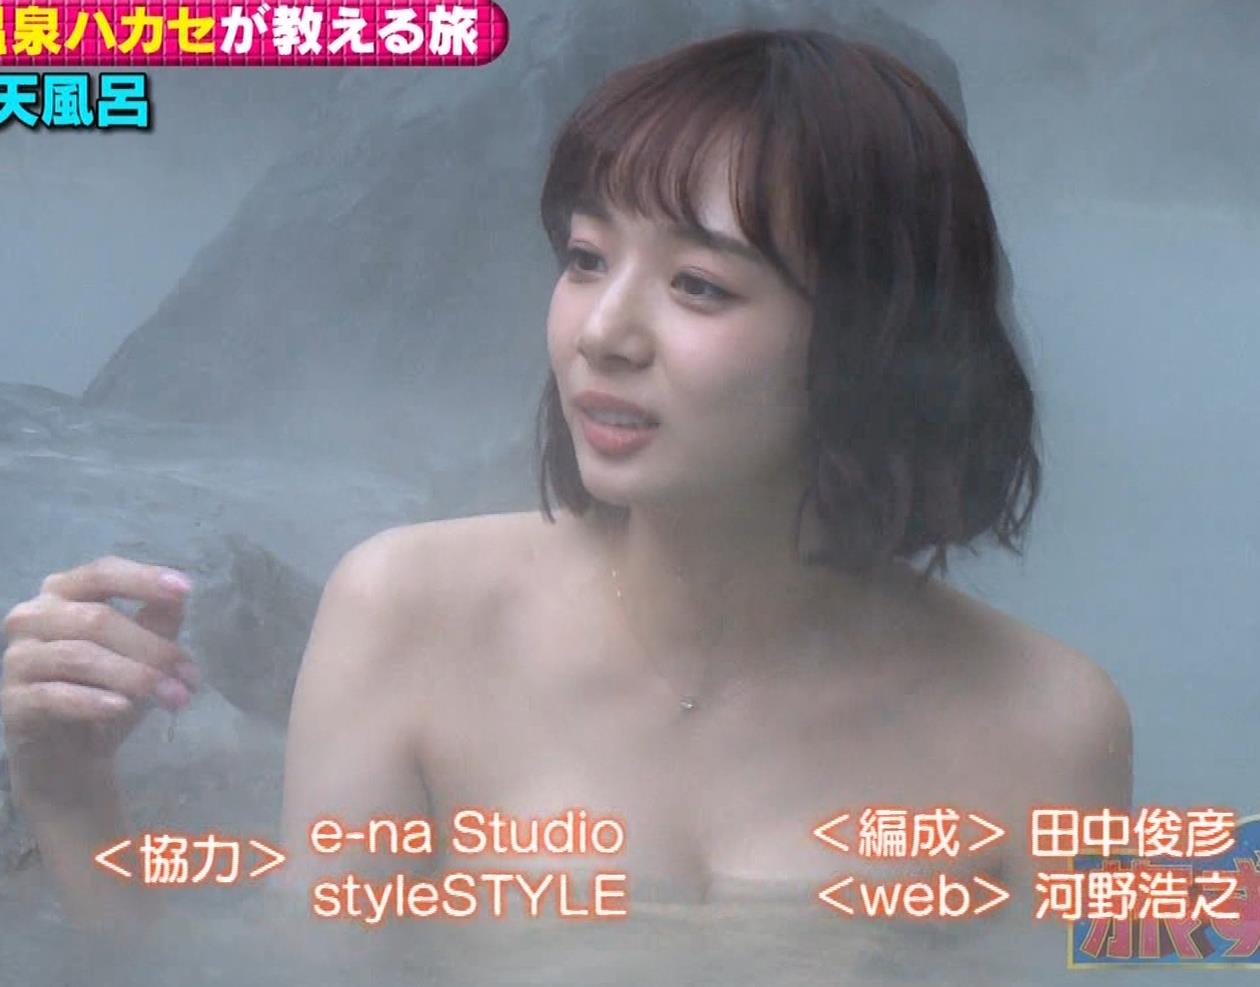 岡田紗佳 温泉入浴でおっぱいがタオルからこぼれているキャプ・エロ画像20